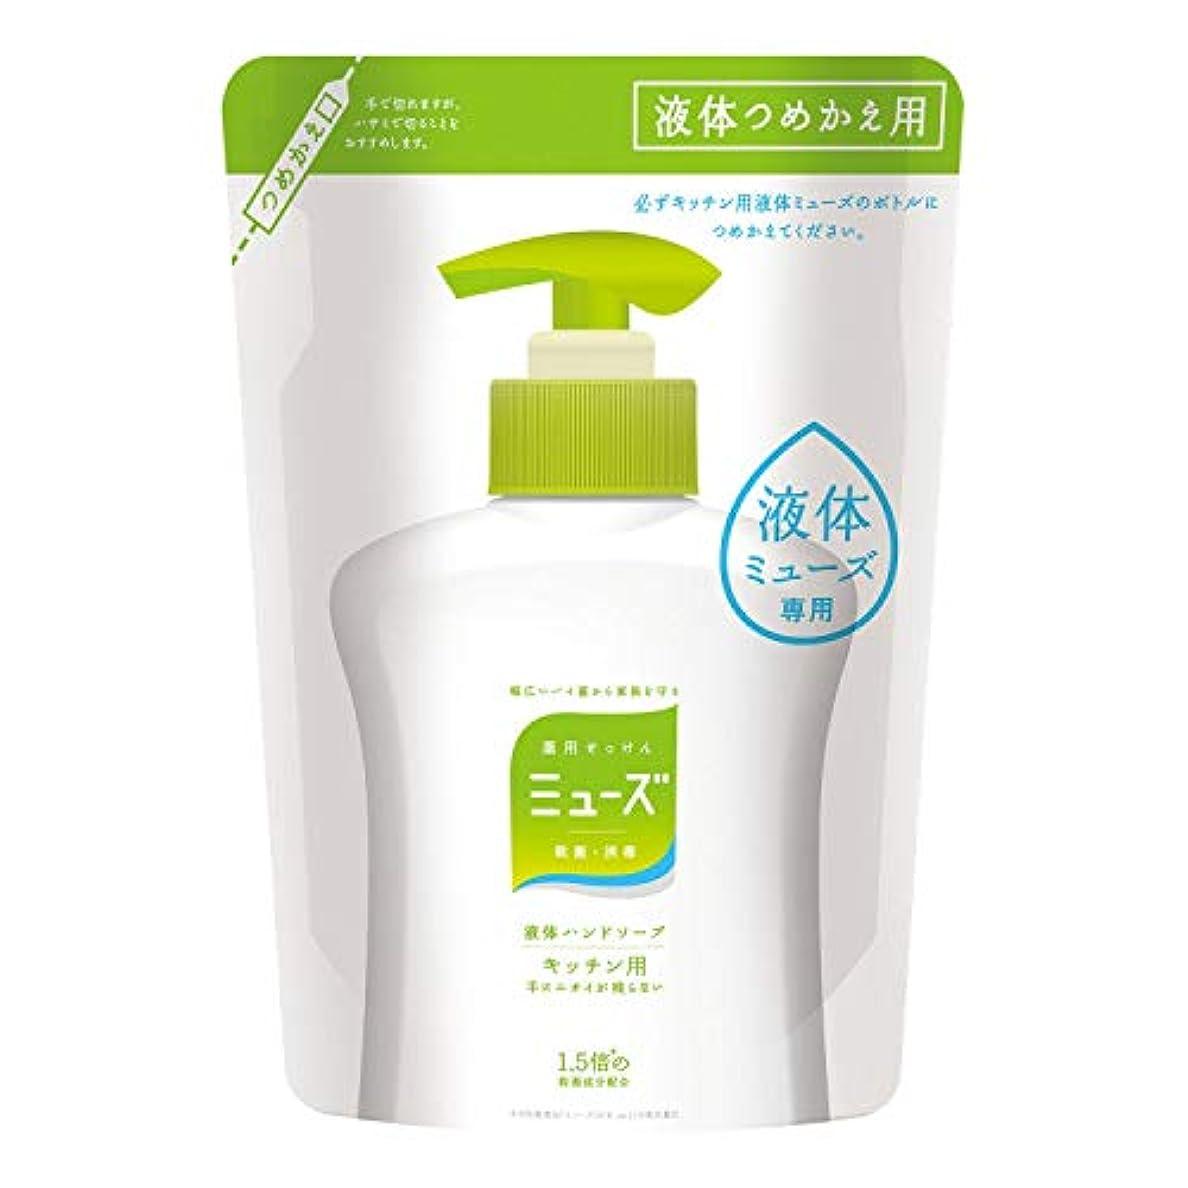 【アース製薬】アース 新キッチンミューズ 詰替用 200ml ×5個セット